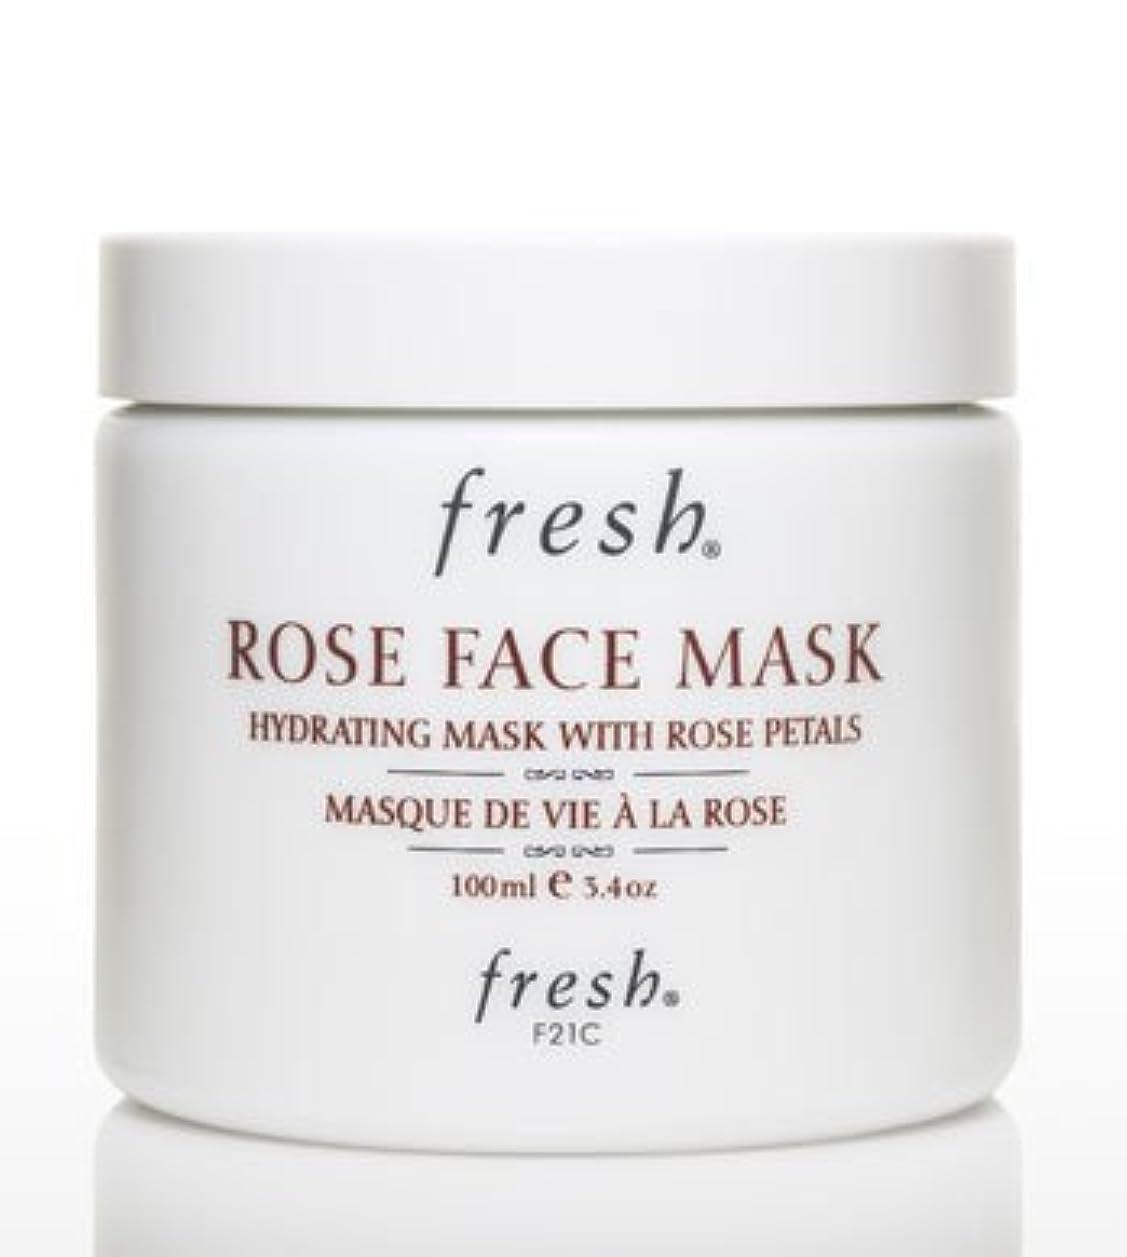 陰謀コインランドリー証明書Fresh ROSE FACE MASK (フレッシュ ローズフェイスマスク) 3.4 oz (100g) by Fresh for Women